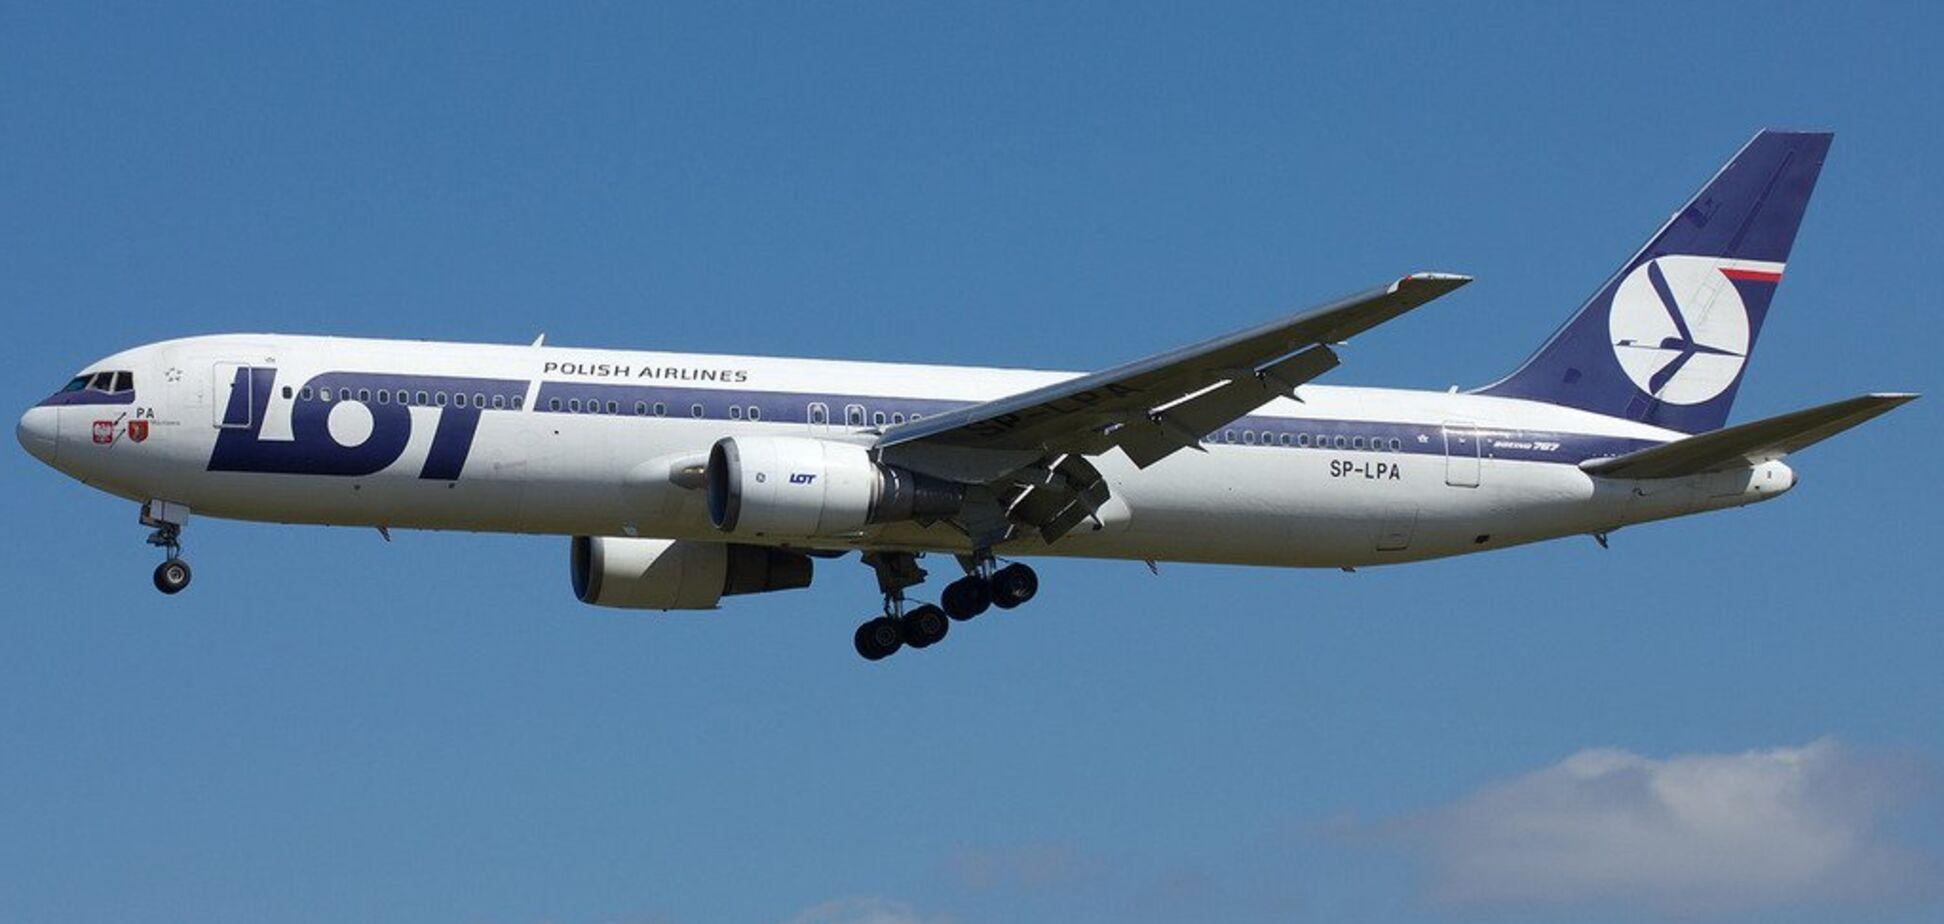 Не мог сесть: в Одессе произошло ЧП с пассажирским самолетом